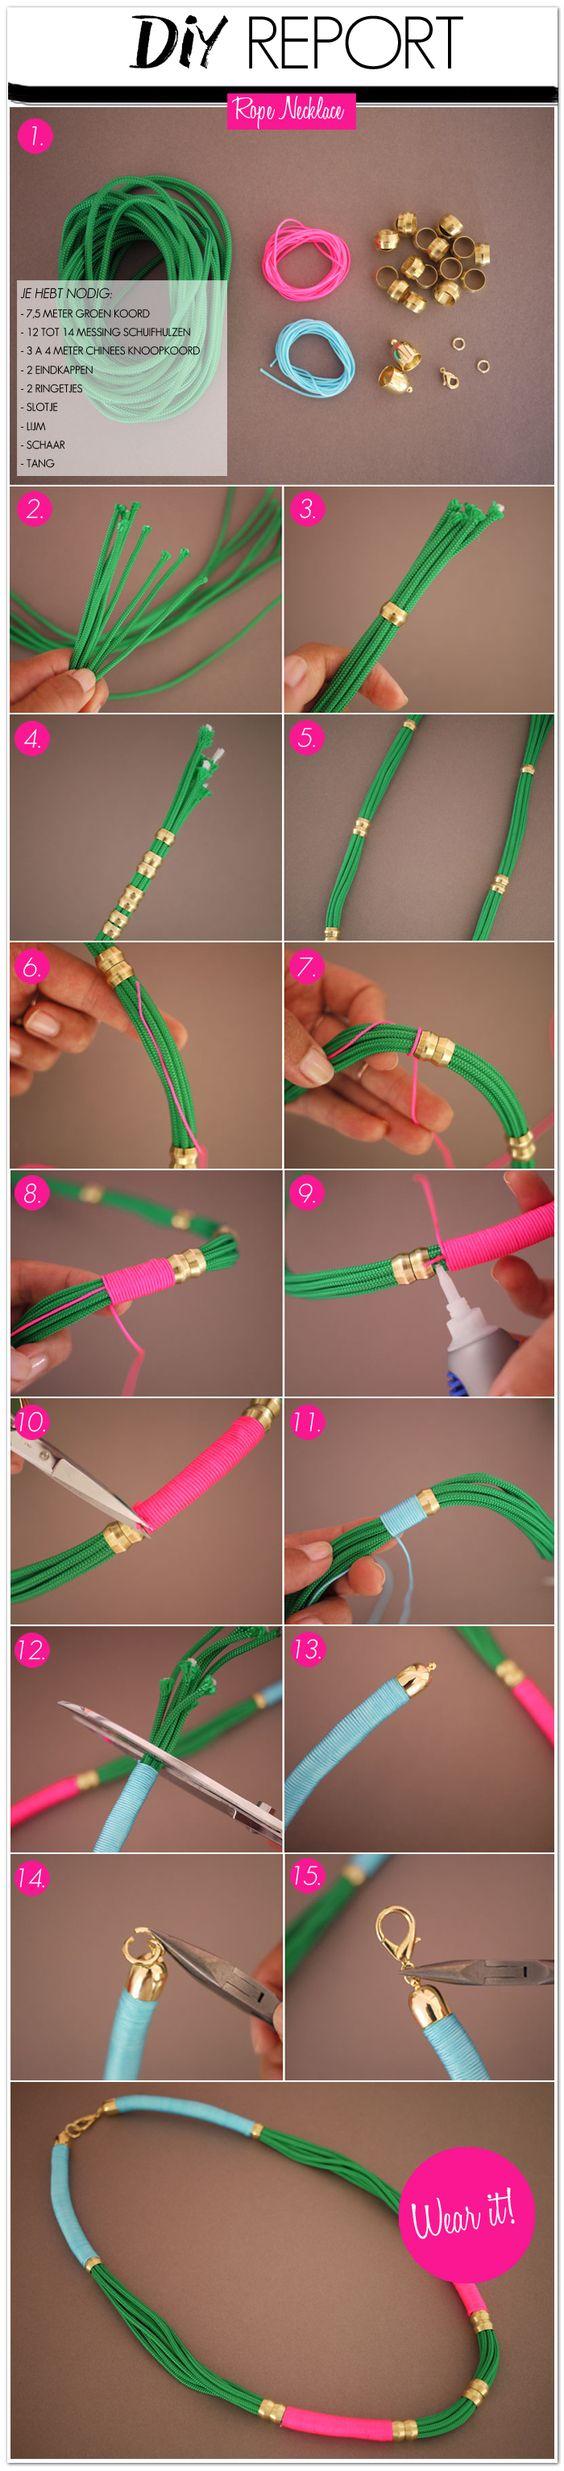 Al een tijdje opzoek naar een leuke statement ketting, maar nog niets gevonden? Dan hebben wij de juiste DIY voor jou! Hieronder laten wij jou zien, hoe jij jouw eigen rope necklace kan maken. Een ketting, die je super kleurrijk en vrolijk kunt maken door simpelweg het wikkelen van touw om ander touw. Super makkelijk! Bron: Honestly WTF 1. Wat heb je allemaal nodig voor deze rope necklace? - 7,5 Meter groen koord. Of een andere kleur, die je leuk…